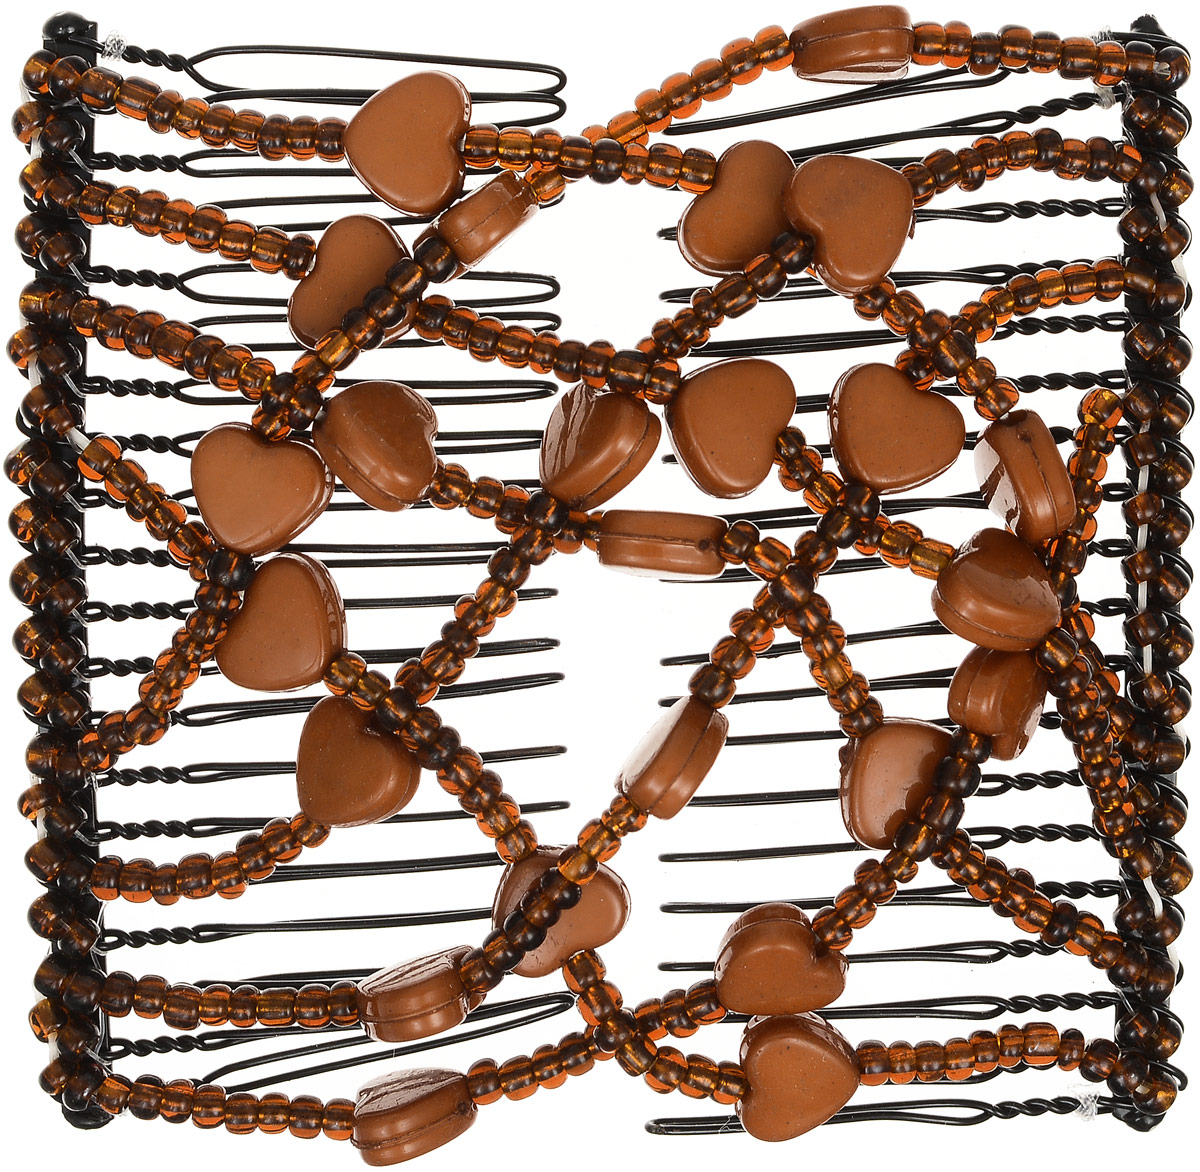 EZ-Combs Заколка Изи-Комбс, одинарная, цвет: коричневый. ЗИО_сердечкиЗИО_коричневый, сердечкиУдобная и практичная EZ-Combs подходит для любого типа волос: тонких, жестких, вьющихся или прямых, и не наносит им никакого вреда. Заколка не мешает движениям головы и не создает дискомфорта, когда вы отдыхаете или управляете автомобилем. Каждый гребень имеет по 20 зубьев для надежной фиксации заколки на волосах! И даже во время бега и интенсивных тренировок в спортзале EZ-Combs не падает; она прочно фиксирует прическу, сохраняя укладку в первозданном виде.Небольшая и легкая заколка для волос EZ-Combs поместится в любой дамской сумочке, позволяя быстро и без особых усилий создавать неповторимые прически там, где вам это удобно. Гребень прекрасно сочетается с любой одеждой: будь это классический или спортивный стиль, завершая гармоничный облик современной леди. И неважно, какой образ жизни вы ведете, если у вас есть EZ-Combs, вы всегда будете выглядеть потрясающе.